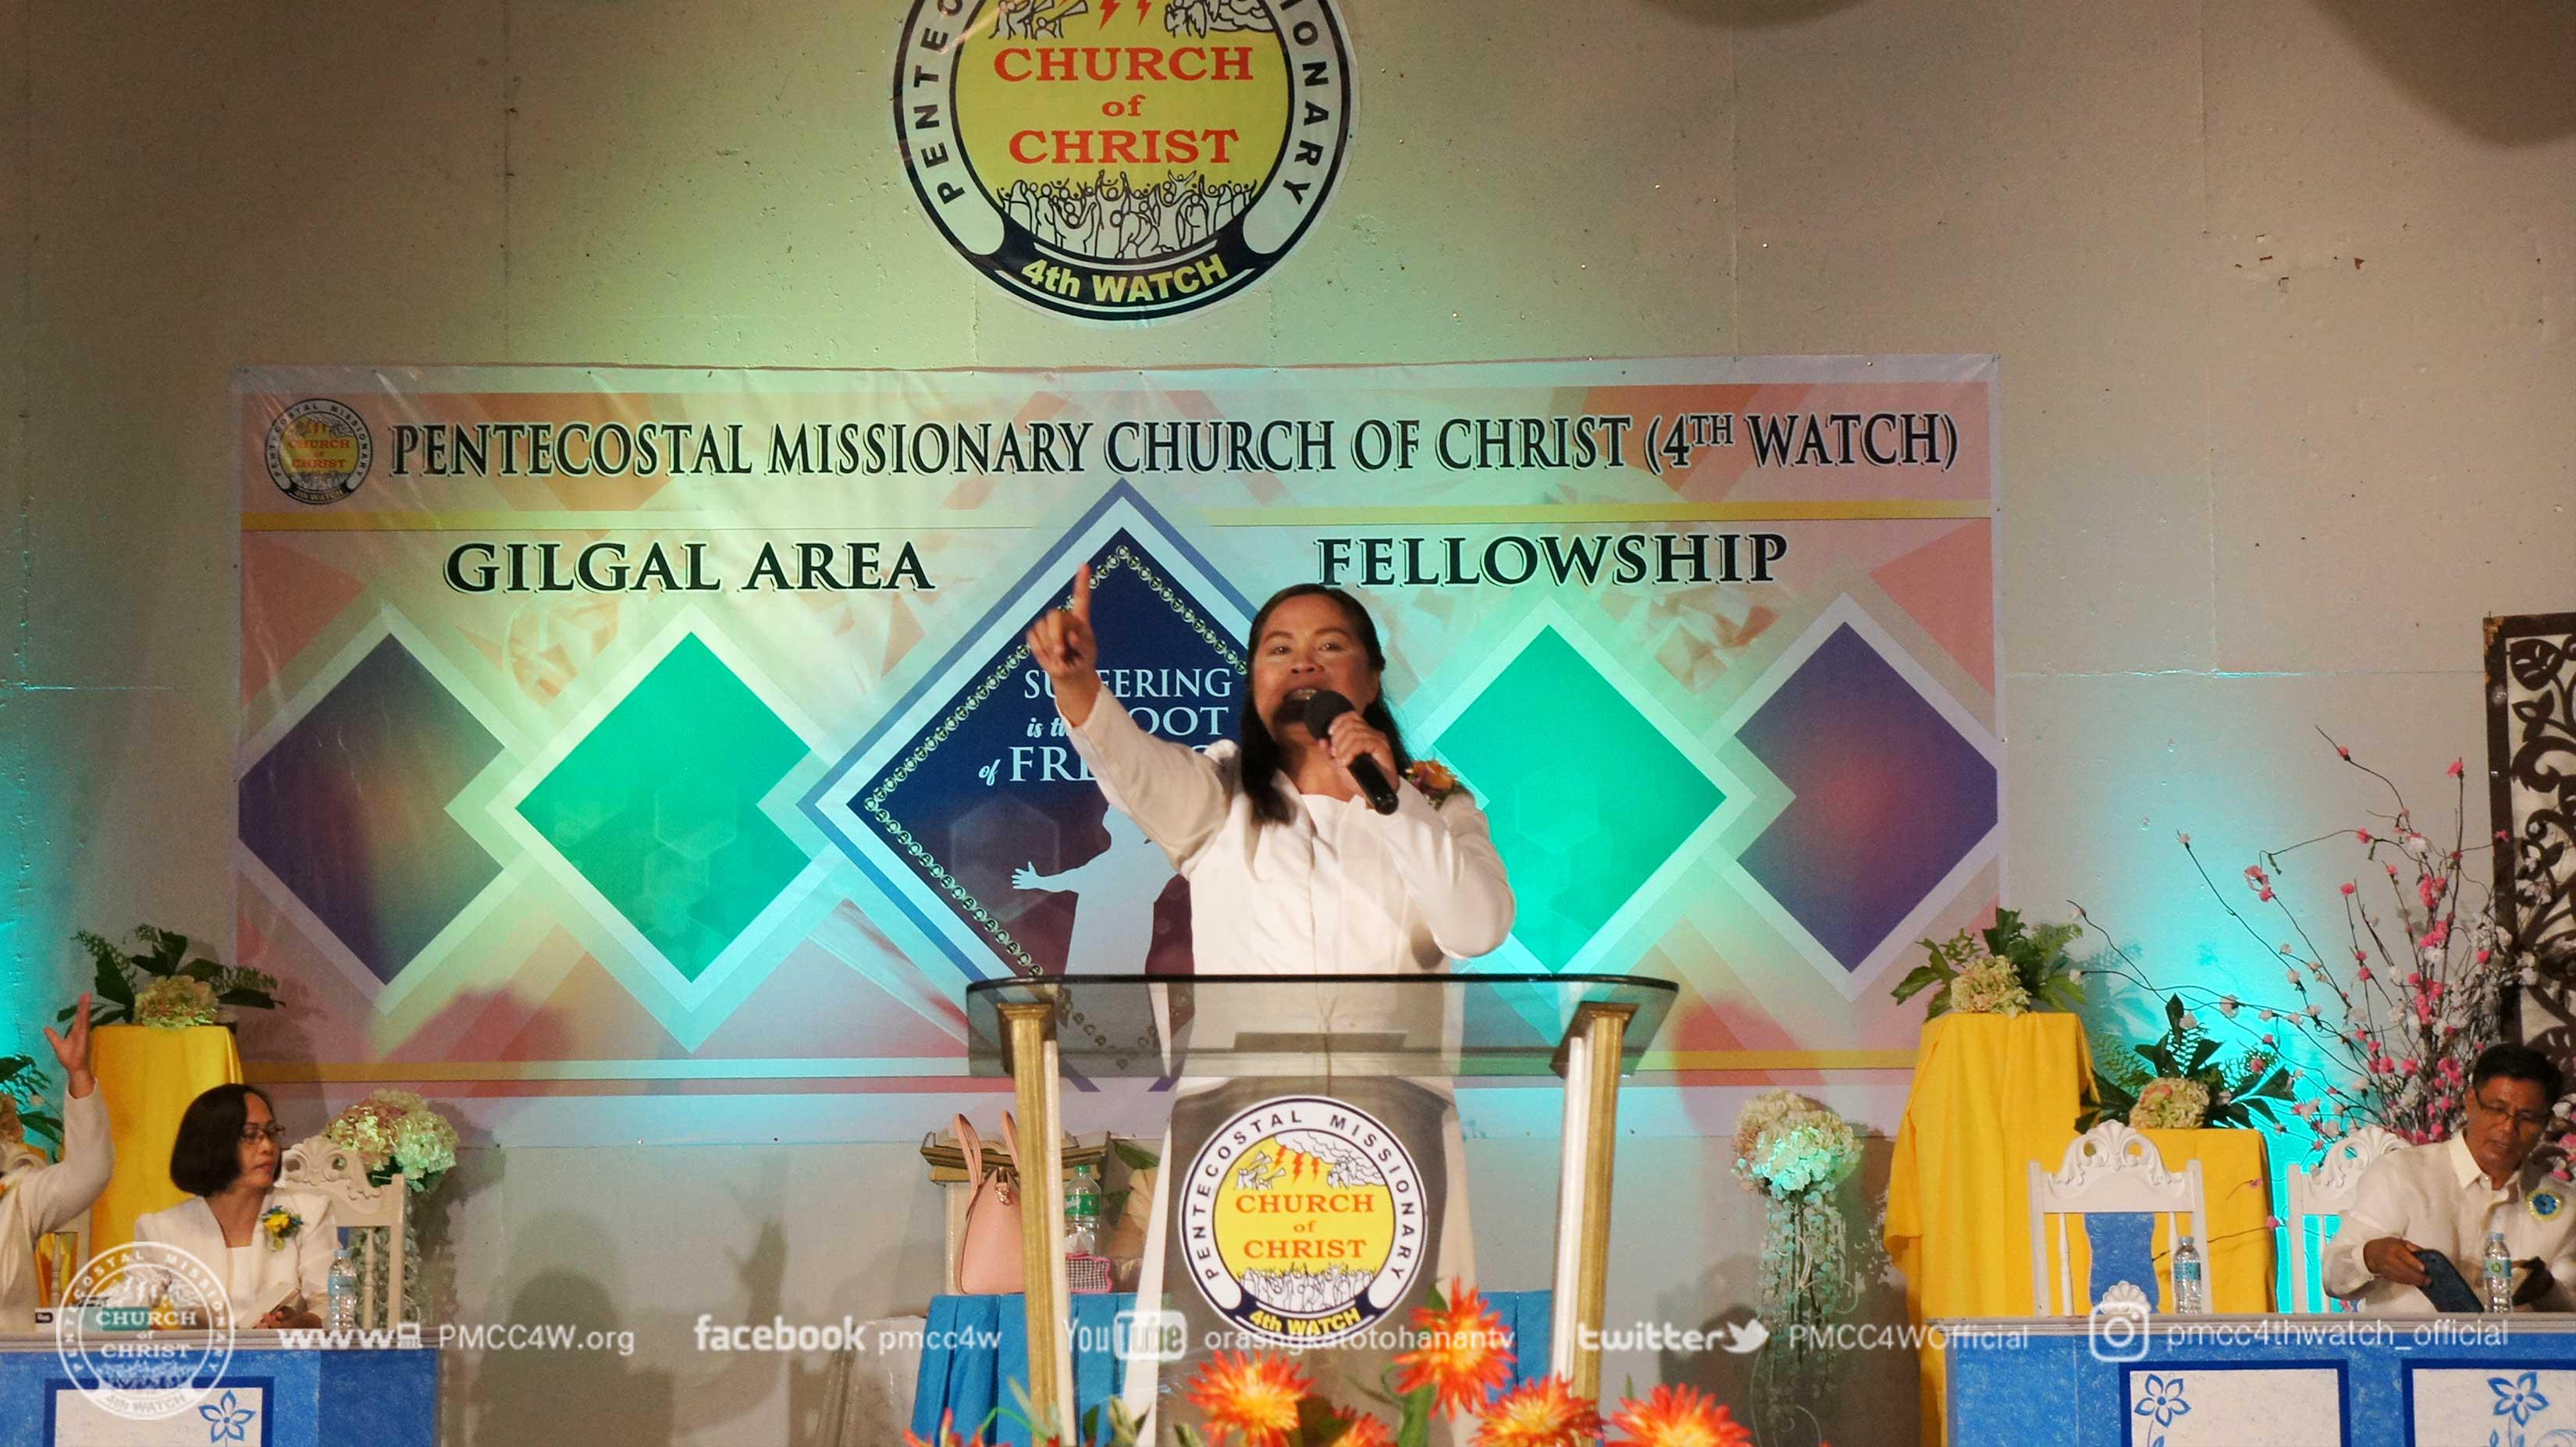 Gilgal Area Fellowship